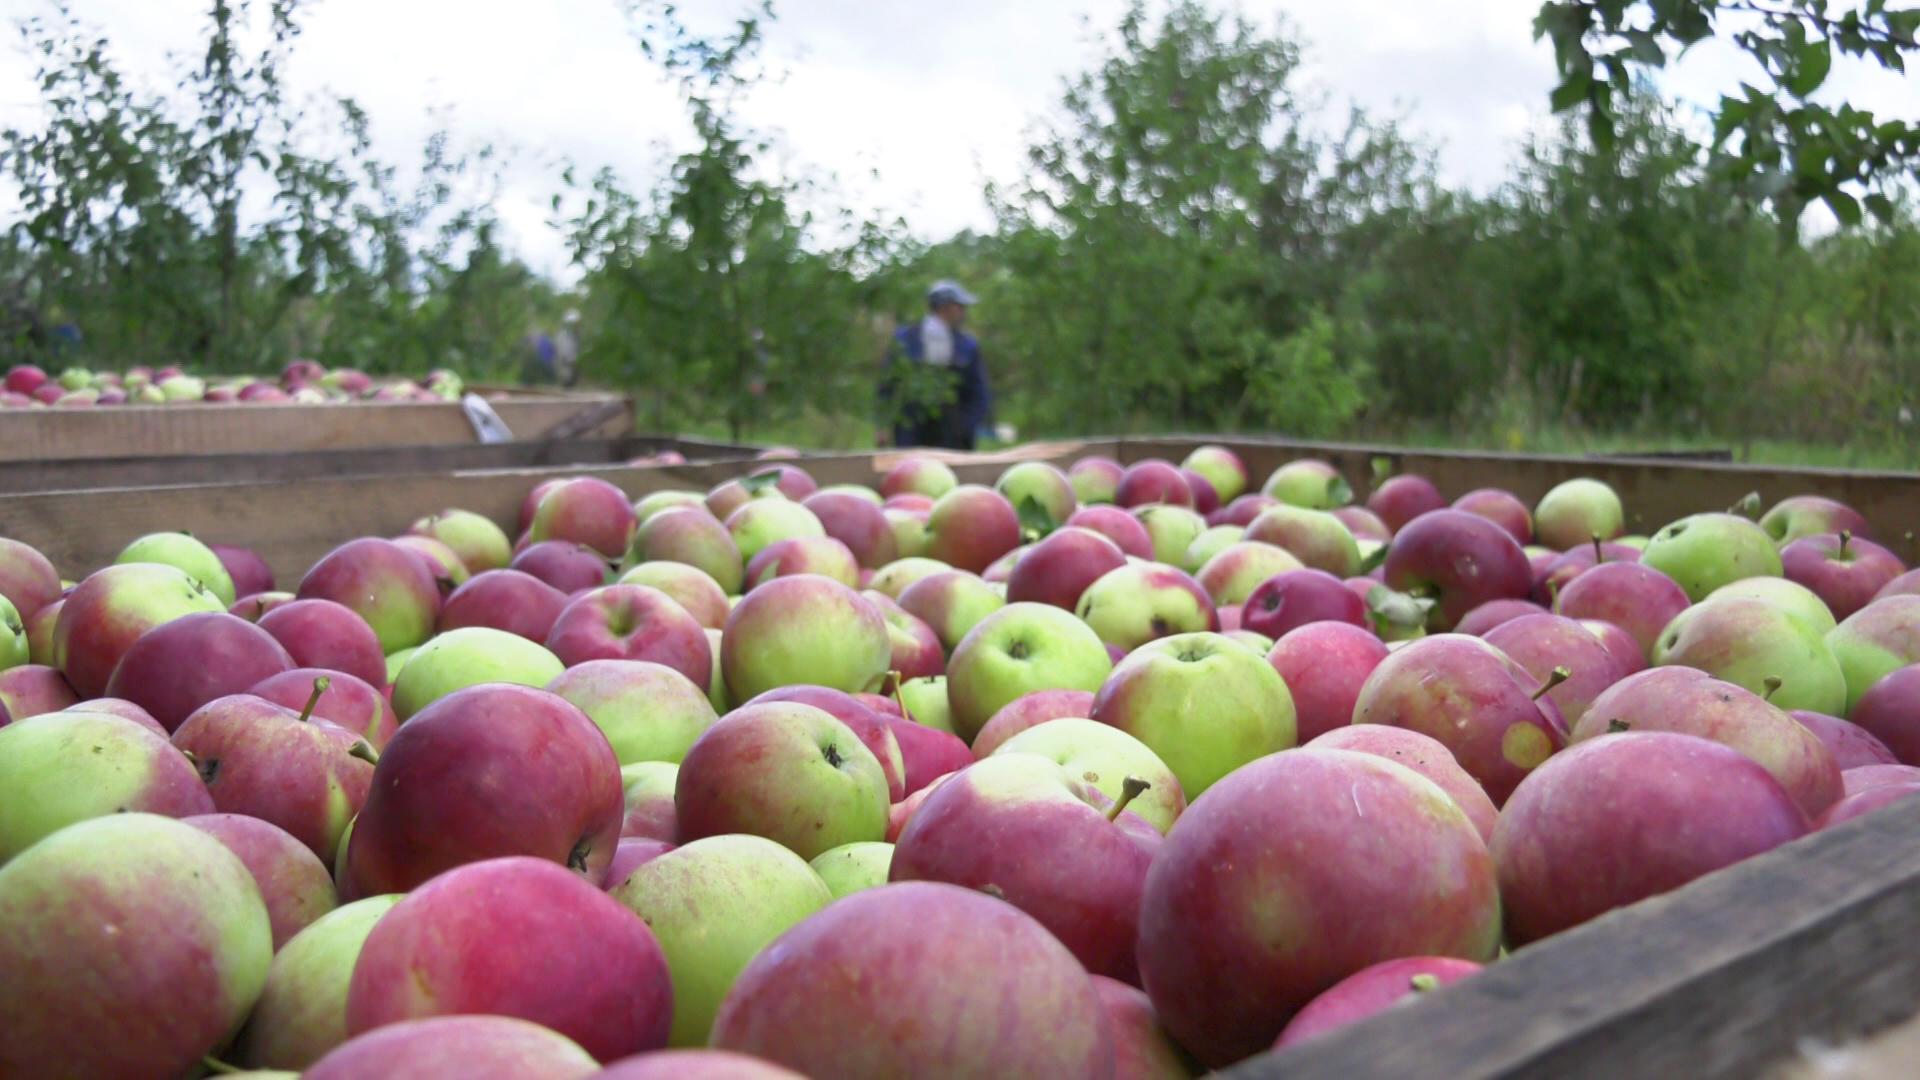 jabloki - Богатый урожай яблок созрел в садах под Витебском (видео)